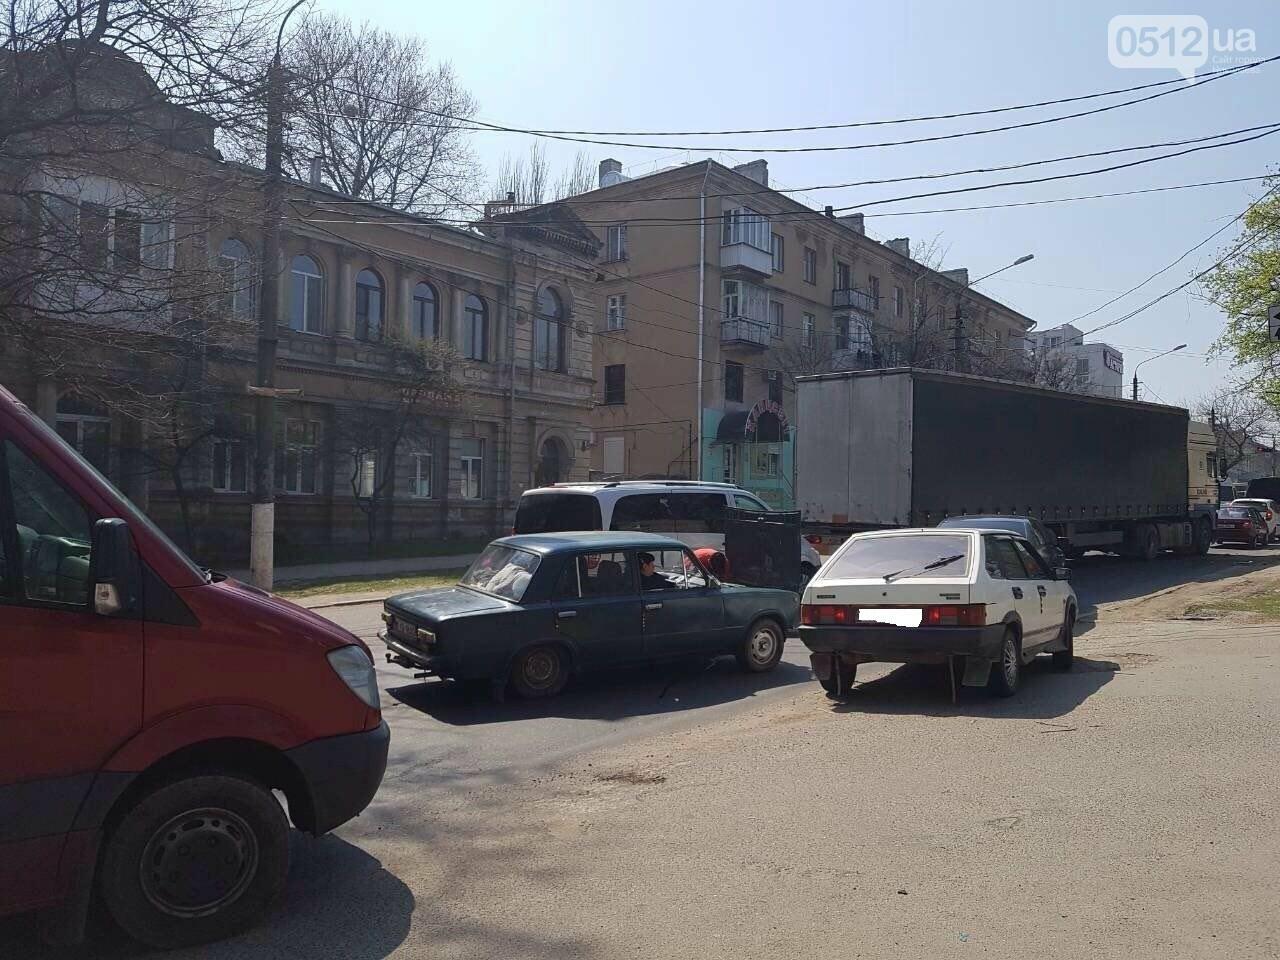 В Николаеве сломавшийся «Жигуль» создал пробку, - ФОТО, фото-2